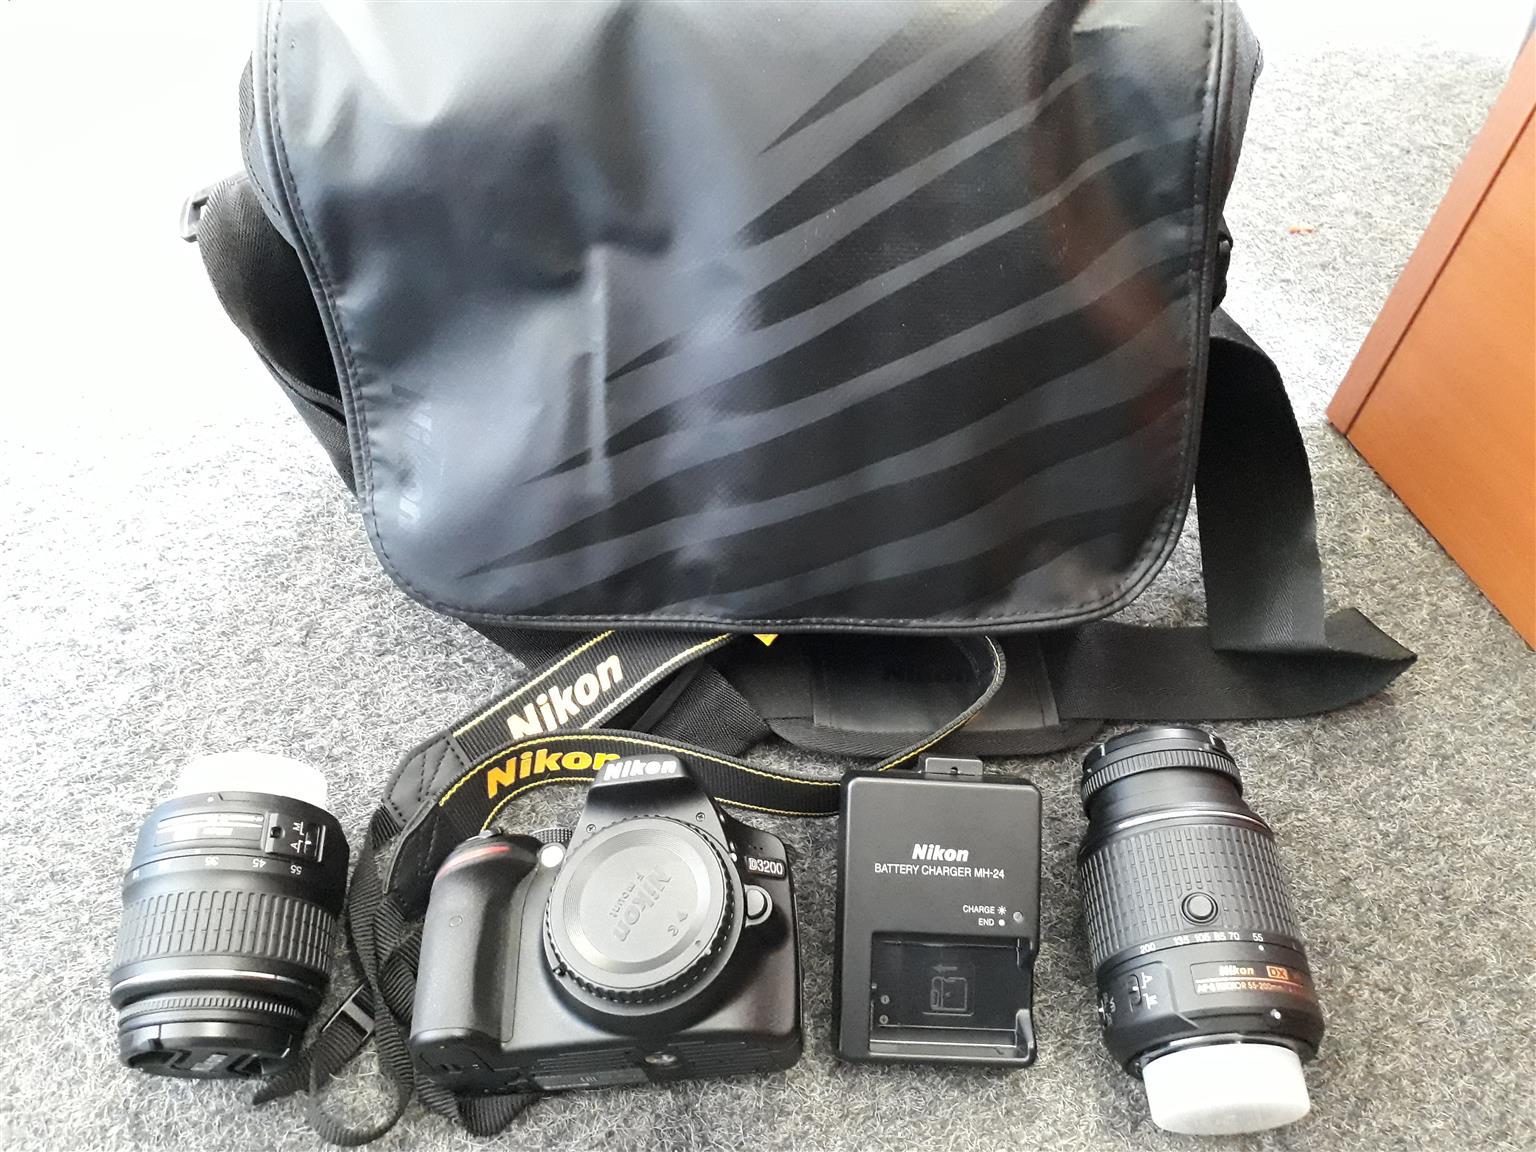 Innovative Lenses Junk Mail Nikon D3200 Lenses Used Nikon D3200 Lenses 18 300 Lenses Nikon Camera Nikon Camera dpreview Nikon D3200 Lenses